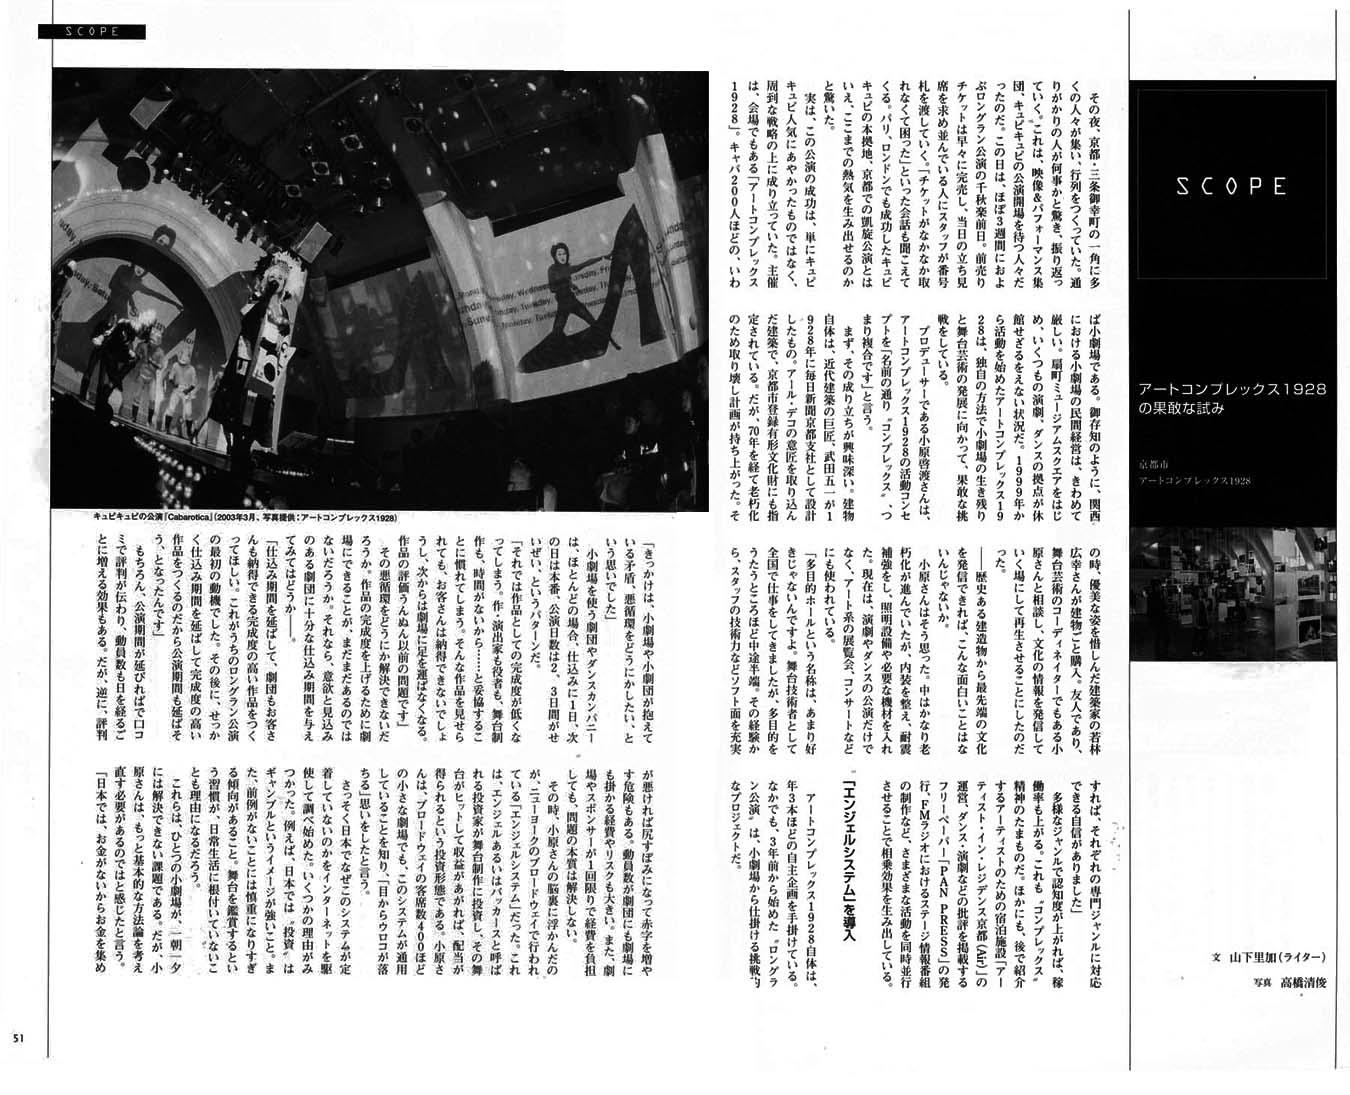 20061223-2003tiikisouzou_1.jpg